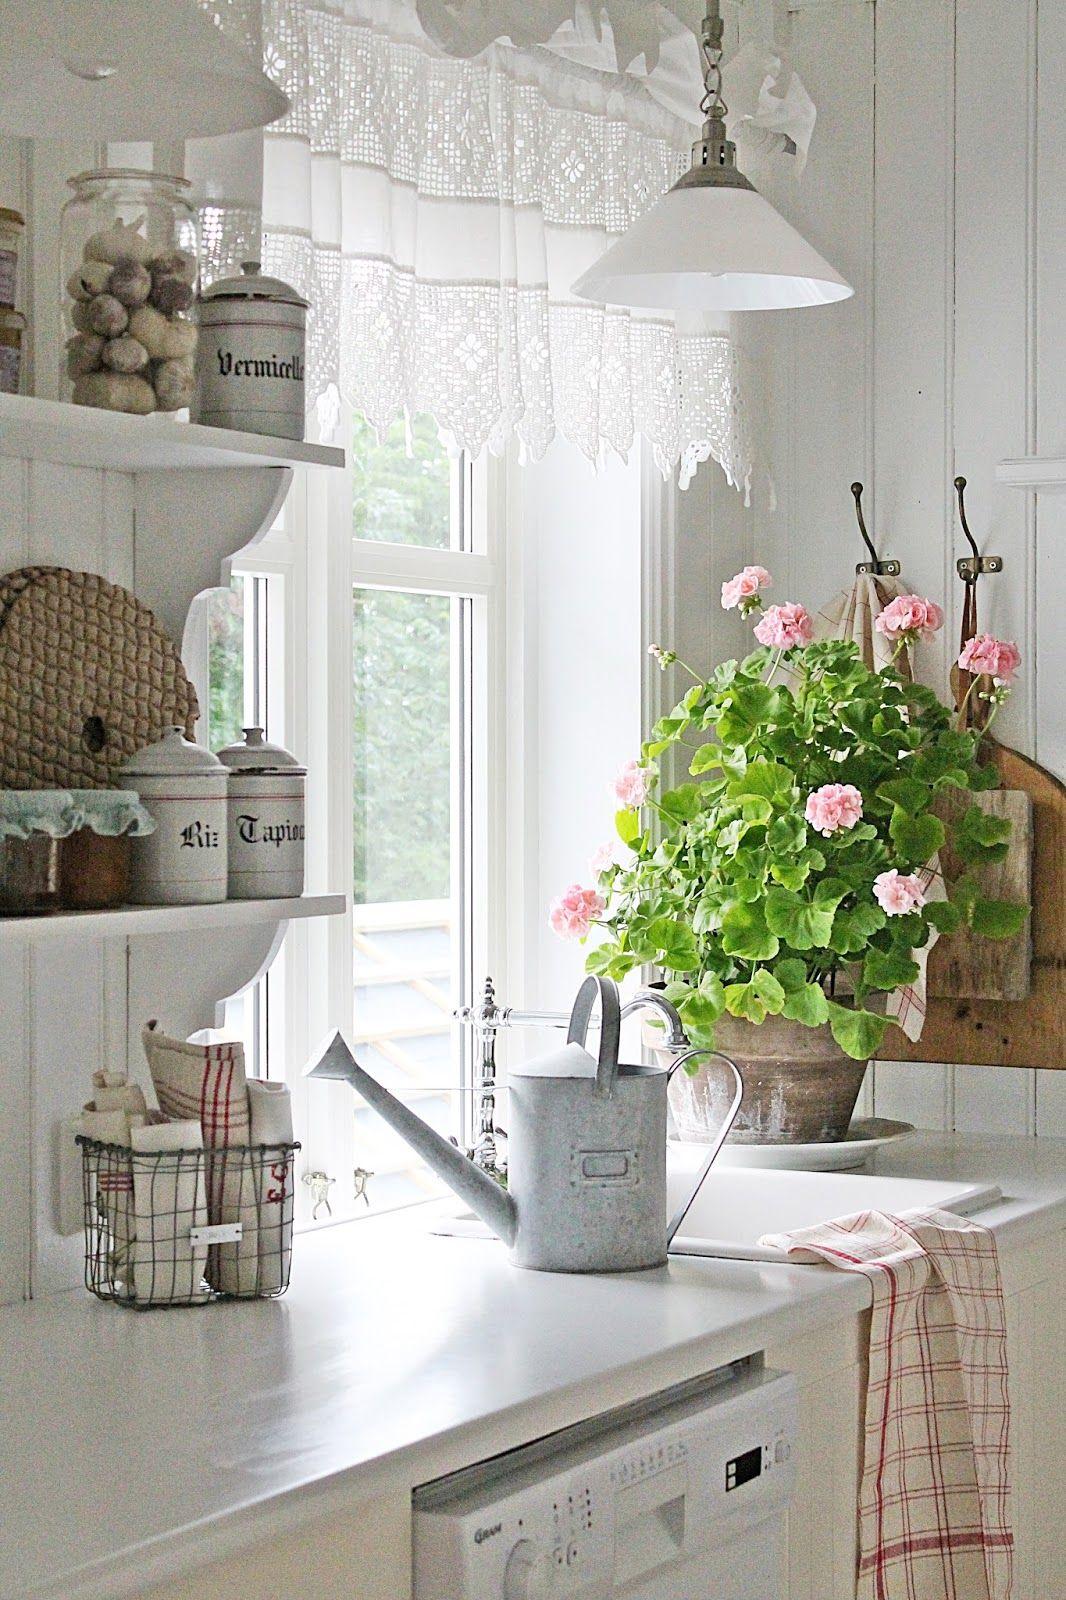 Scandinavian style kitchen | Küche | Pinterest | Design ...